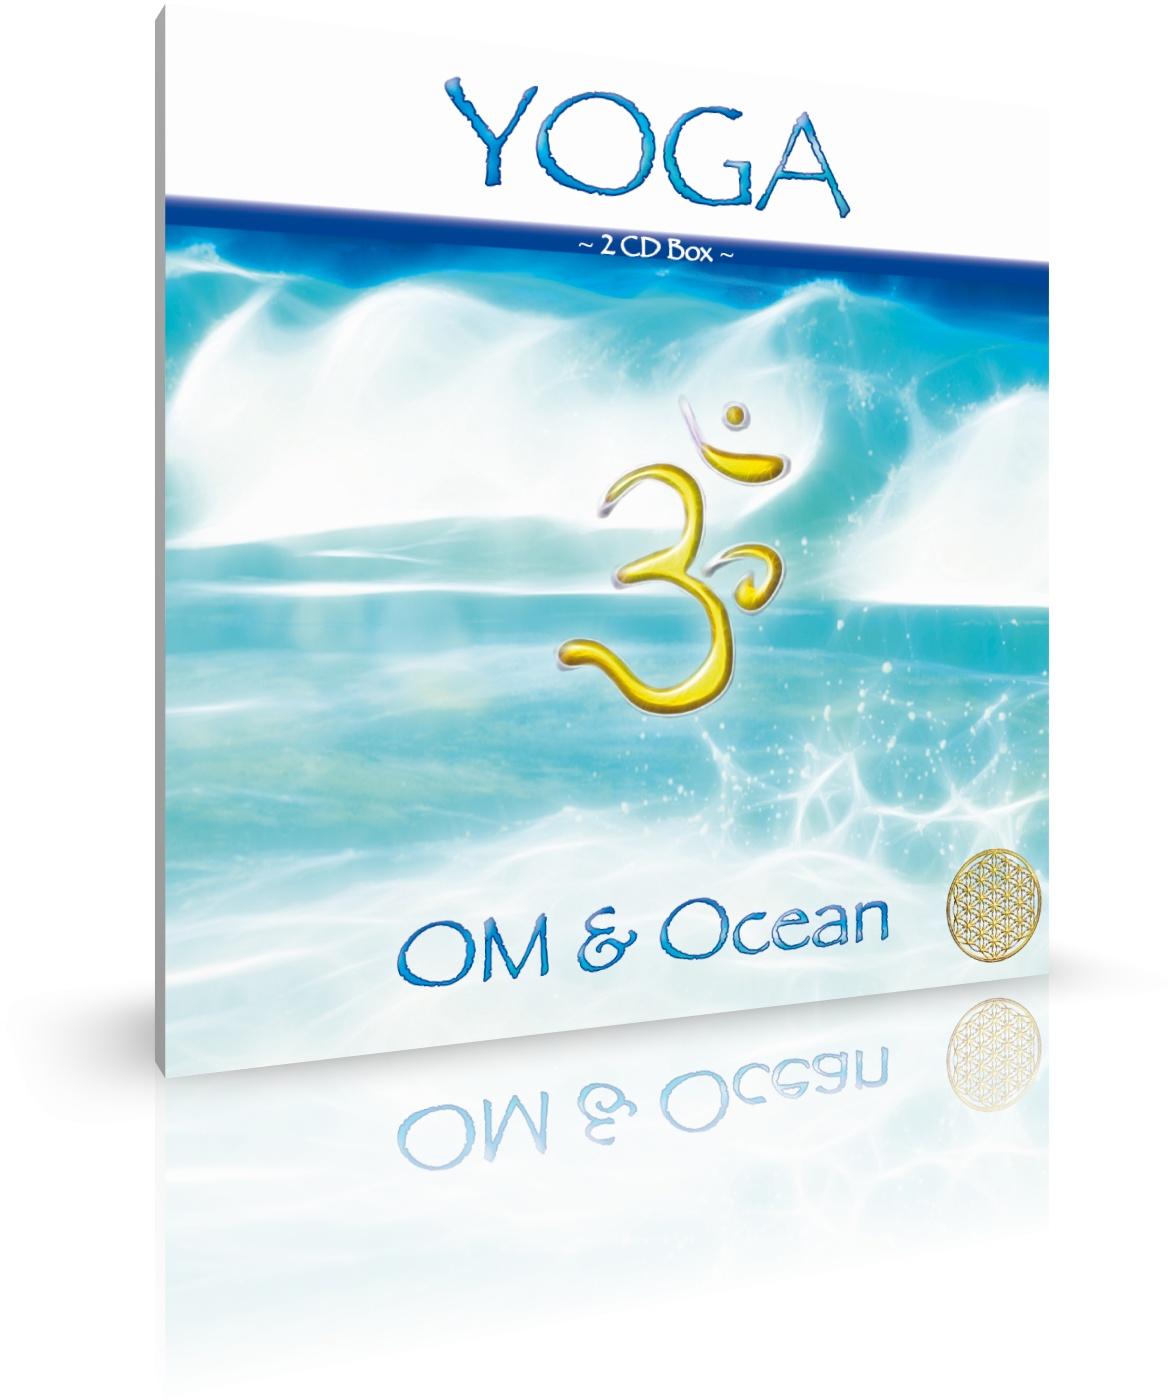 Yoga OM & Ocean von Sayama (2 CDs)